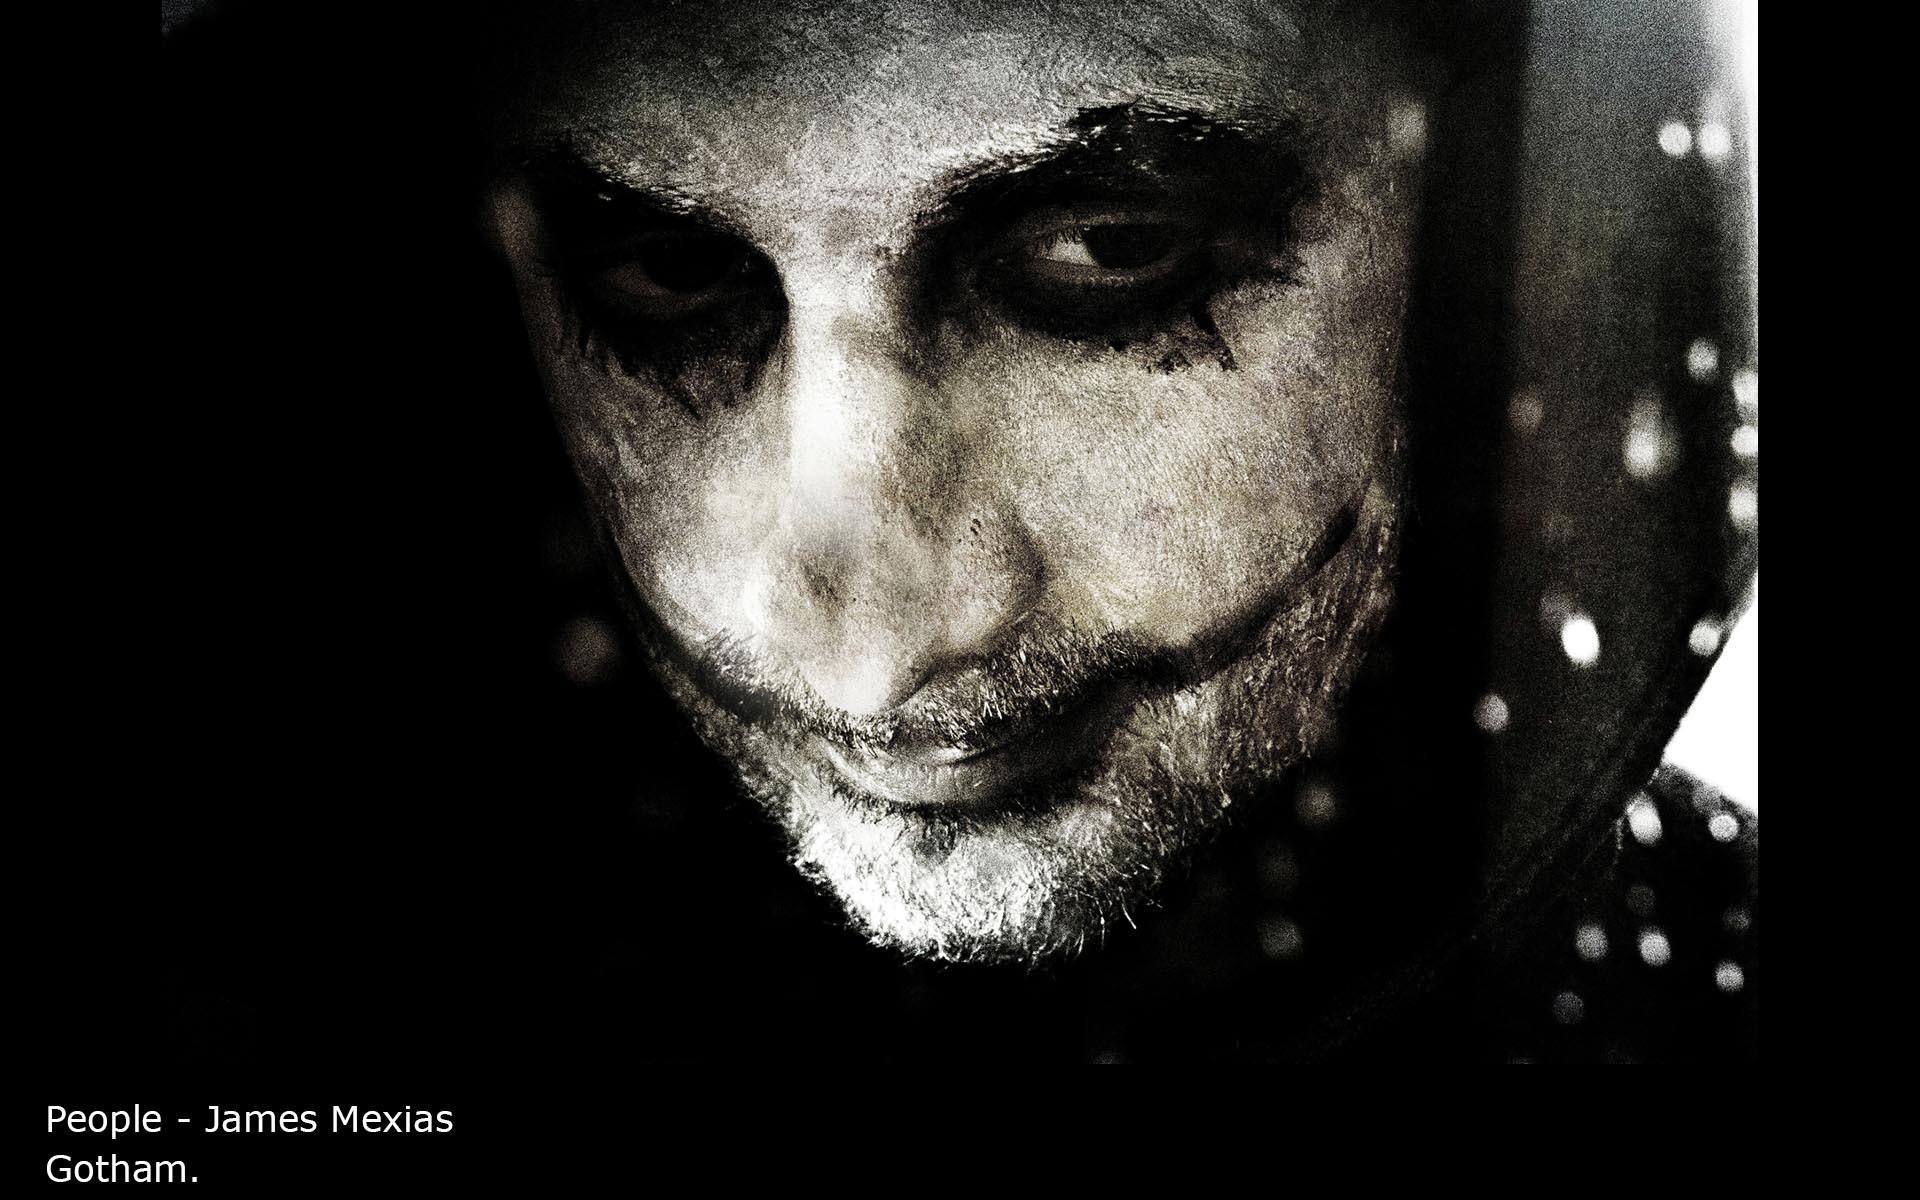 Gotham. - James Mexias